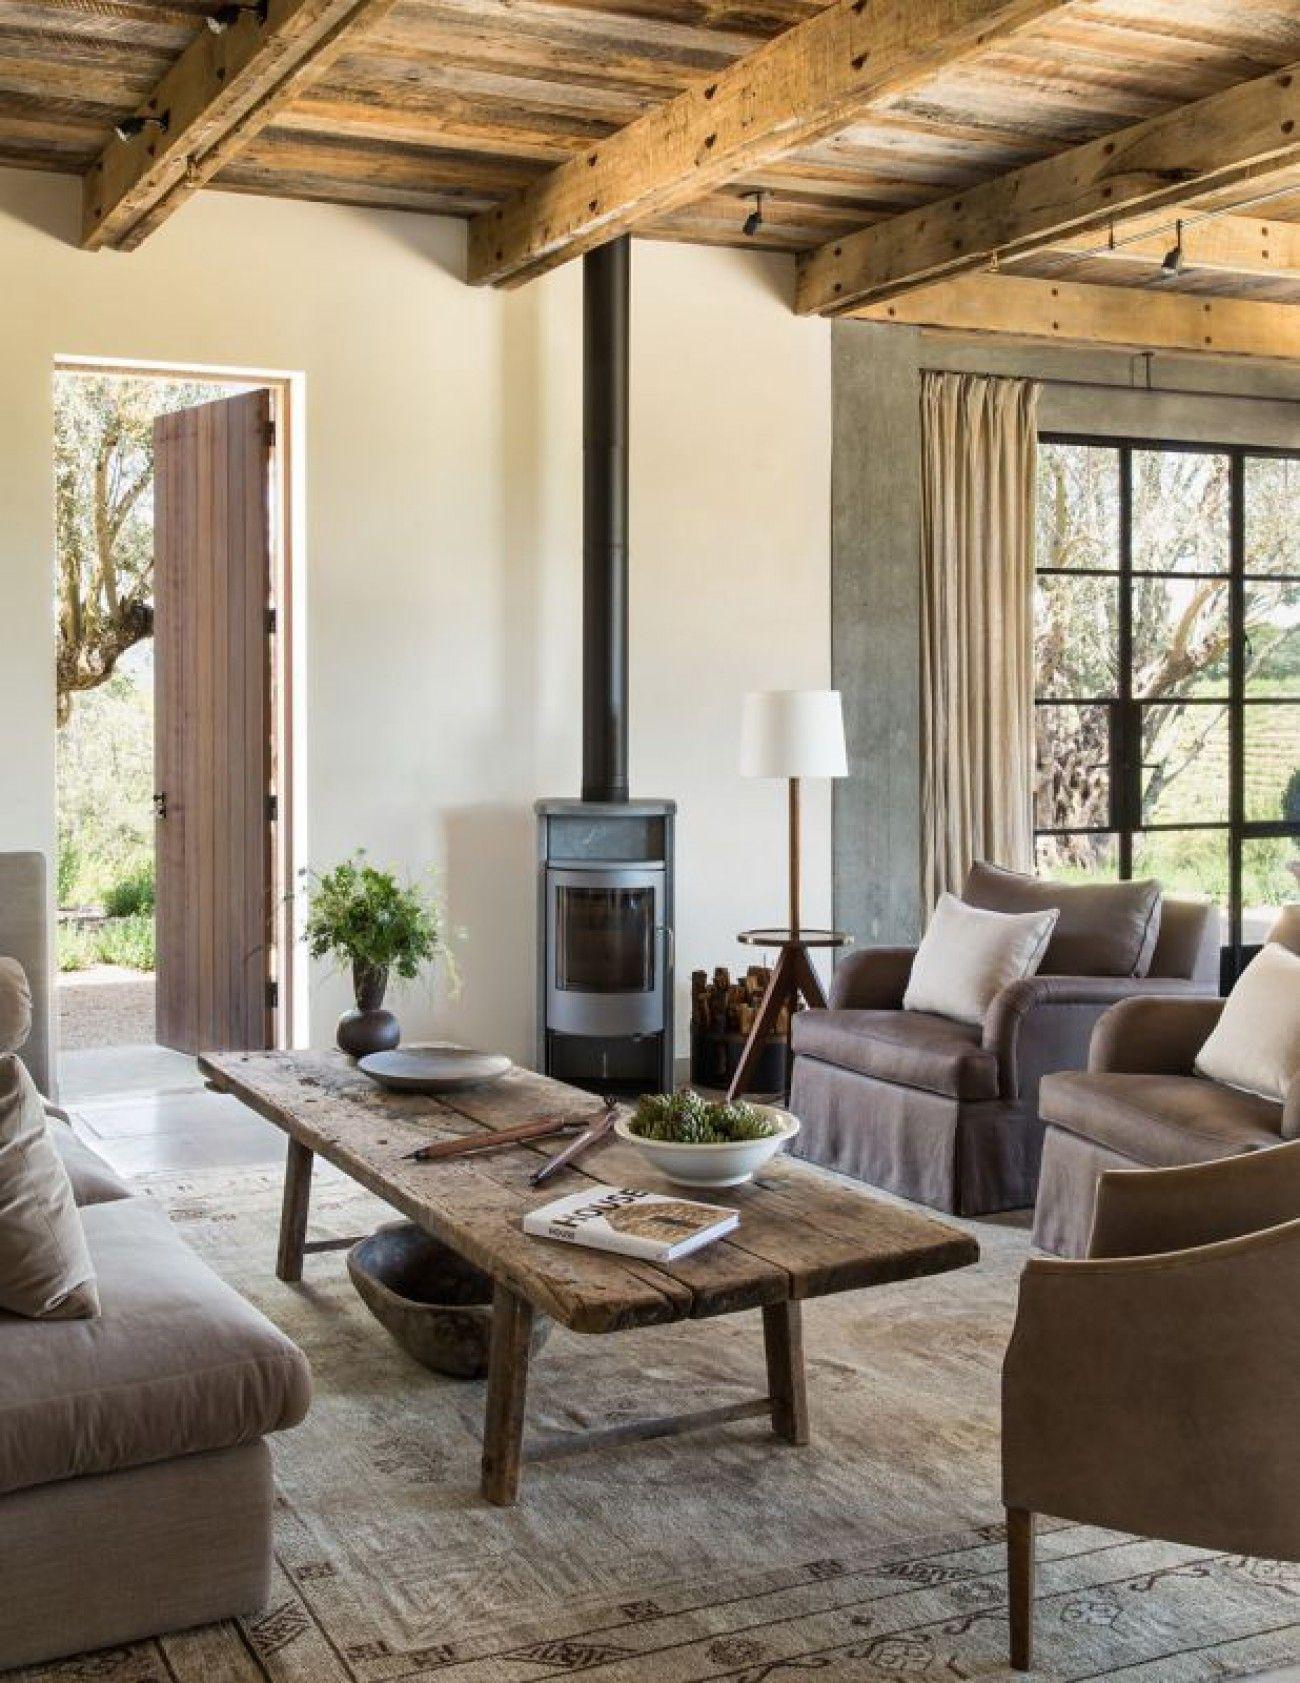 binnenkijken rustiek wonen in californi sonoma county mooie huizen huisdesign woongedeelte